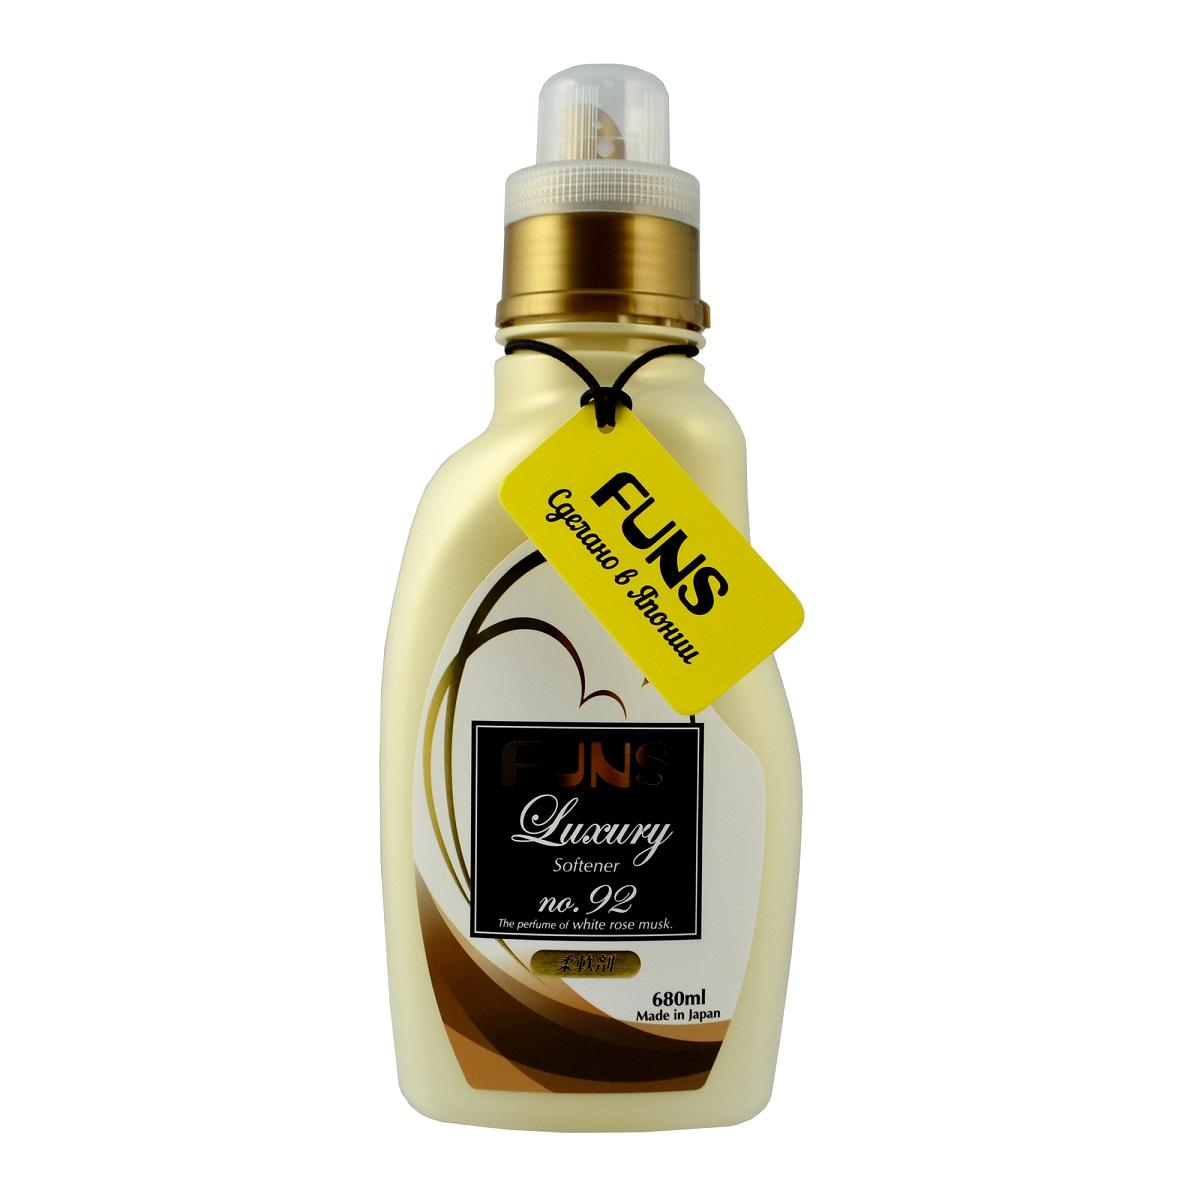 FUNS Кондиционер парфюмированный для белья с ароматом белой мускусной розы 680 мл10049Концентрированный кондиционер для белья Funs Luxury Softener придаст вашим вещам мягкость и сделает их приятными наощупь. Подходит для хлопчатобумажных, шерстяных, льняных и синтетических тканей, а также любых деликатных тканей (шелка и шерсти). Кондиционер предотвращает появление статического электричества, а также облегчает глажку белья. Обладает приятным ароматом, который сохраняется на долгое время, даже после сушки белья. Благодаря противомикробному и дезодорирующему действию кондиционер устраняет бактерии, способствующие появлению неприятного запаха. Кондиционер безопасен при контакте с кожей человека, не сушит и не раздражает кожу рук во время стирки. Подходит как для ручной, так и машинной стирки. Состав: ПАВ (эфир типа диалкил аммония). Товар сертифицирован.